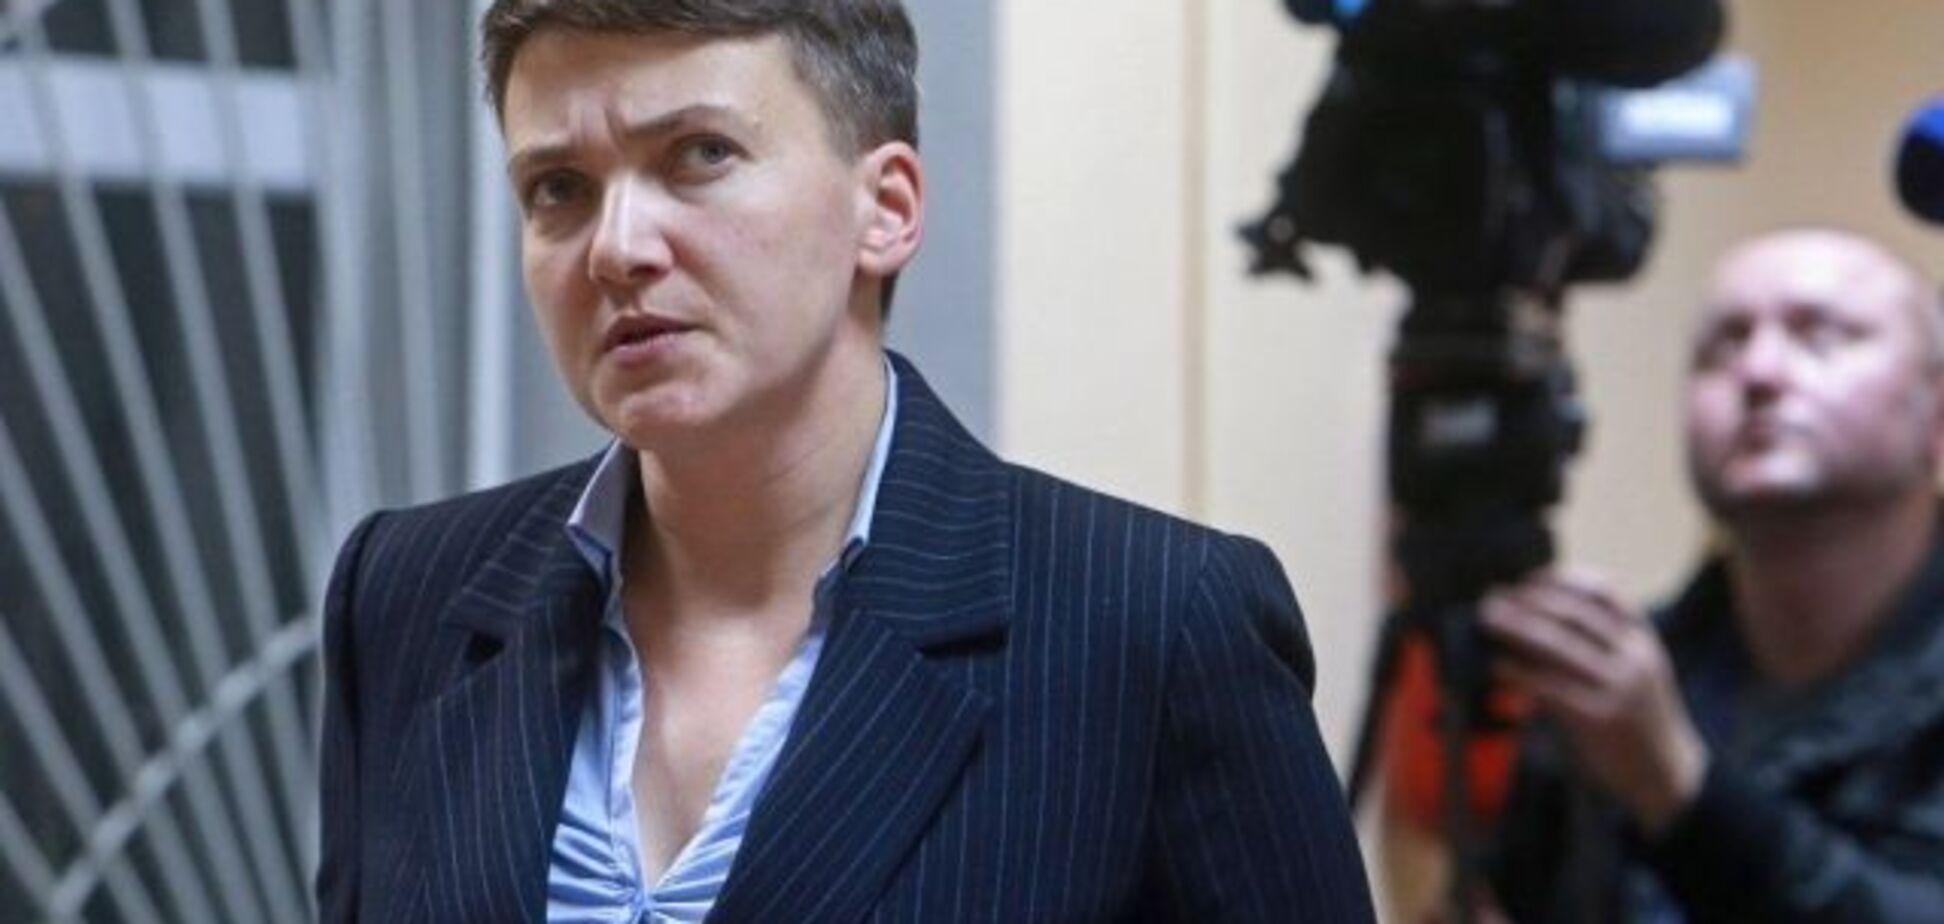 Обмін у 'ДНР': у Савченко зробили заяву